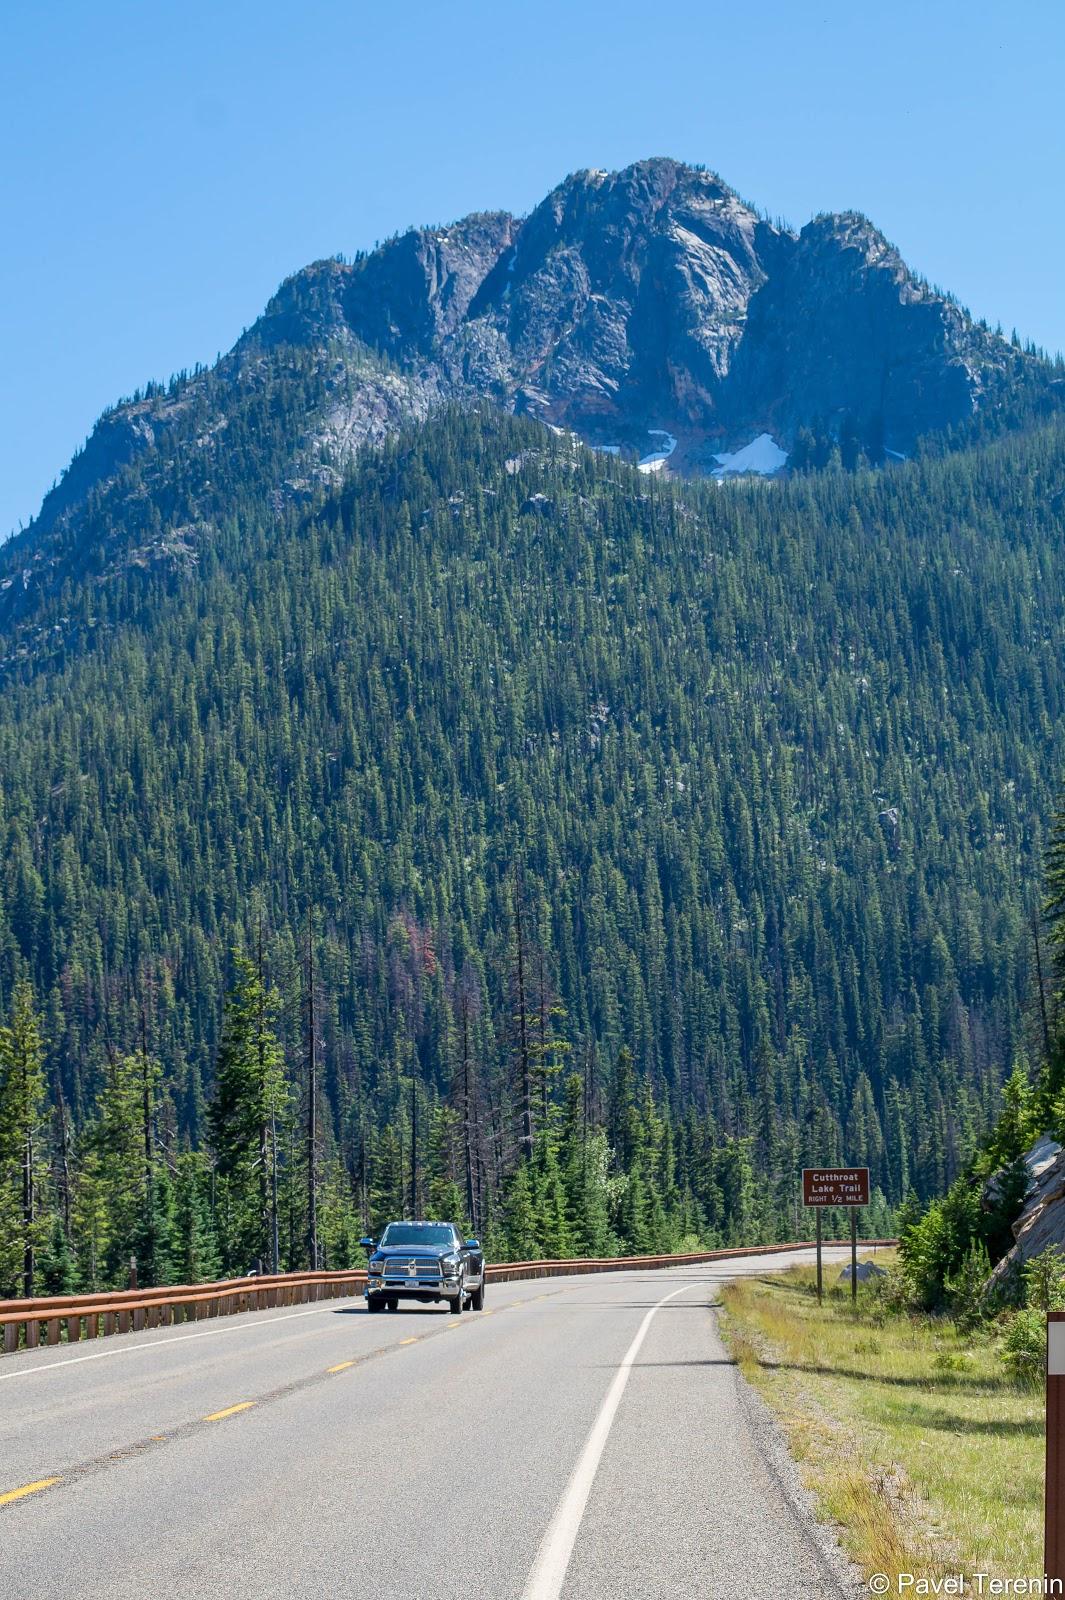 Всё говорит о том, что мы въехали в Северные Каскады, огромнейший национальный парк США, самый крупный за пределами Аляски.